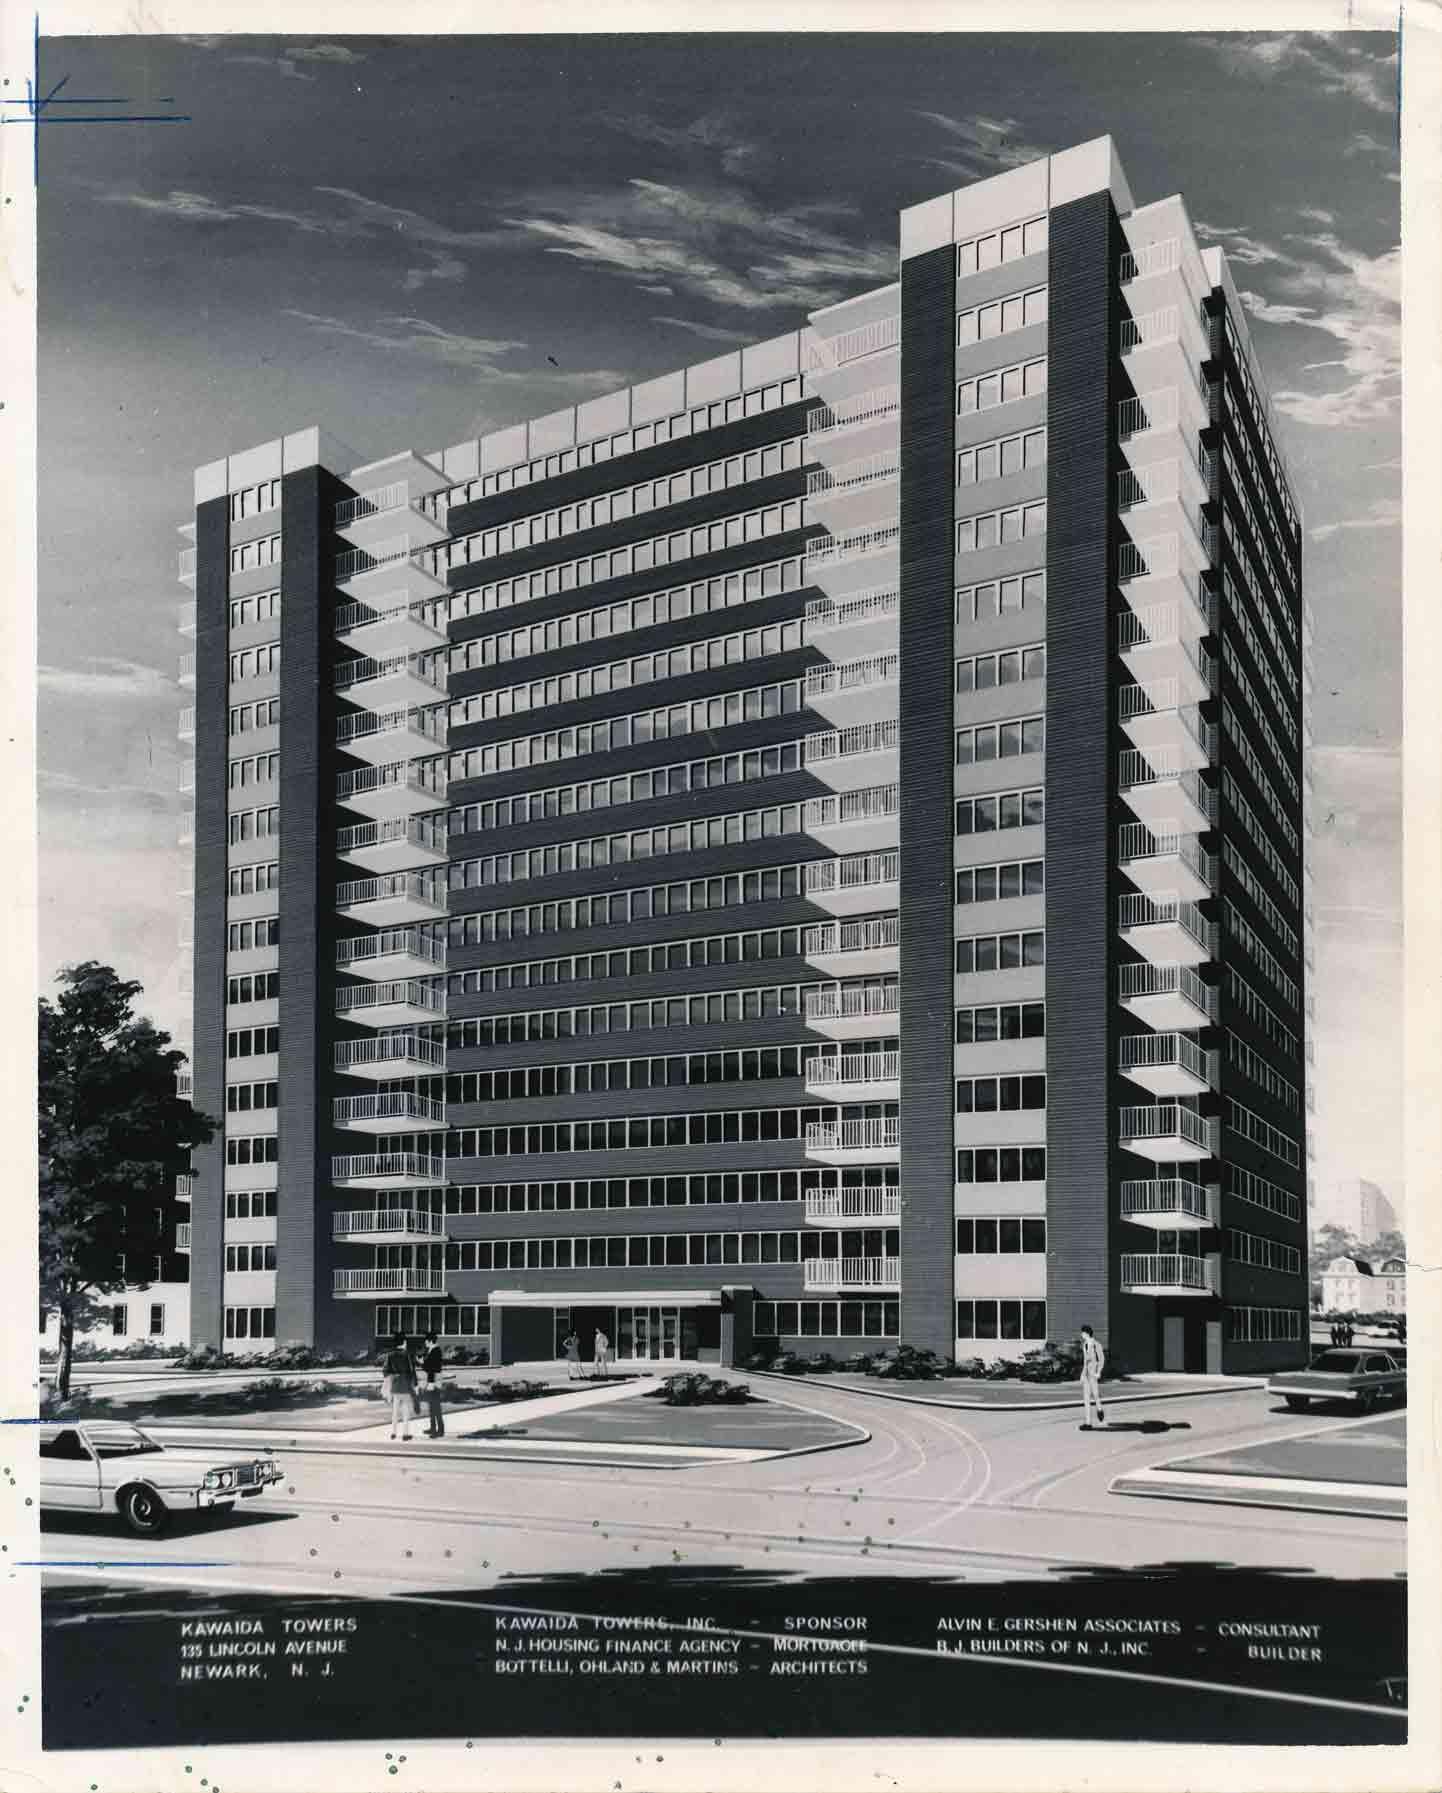 Kawaida Towers Rendering (1972)